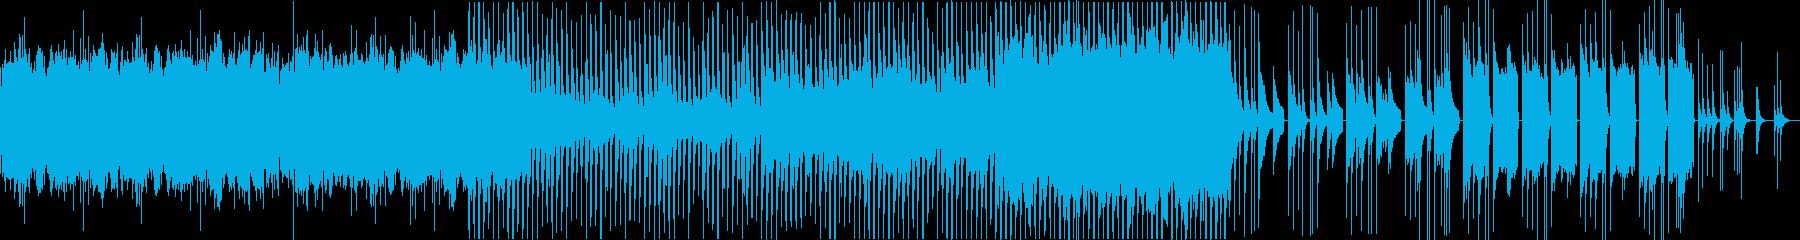 テクスチャー魔法鉄琴よるファンタジー曲の再生済みの波形